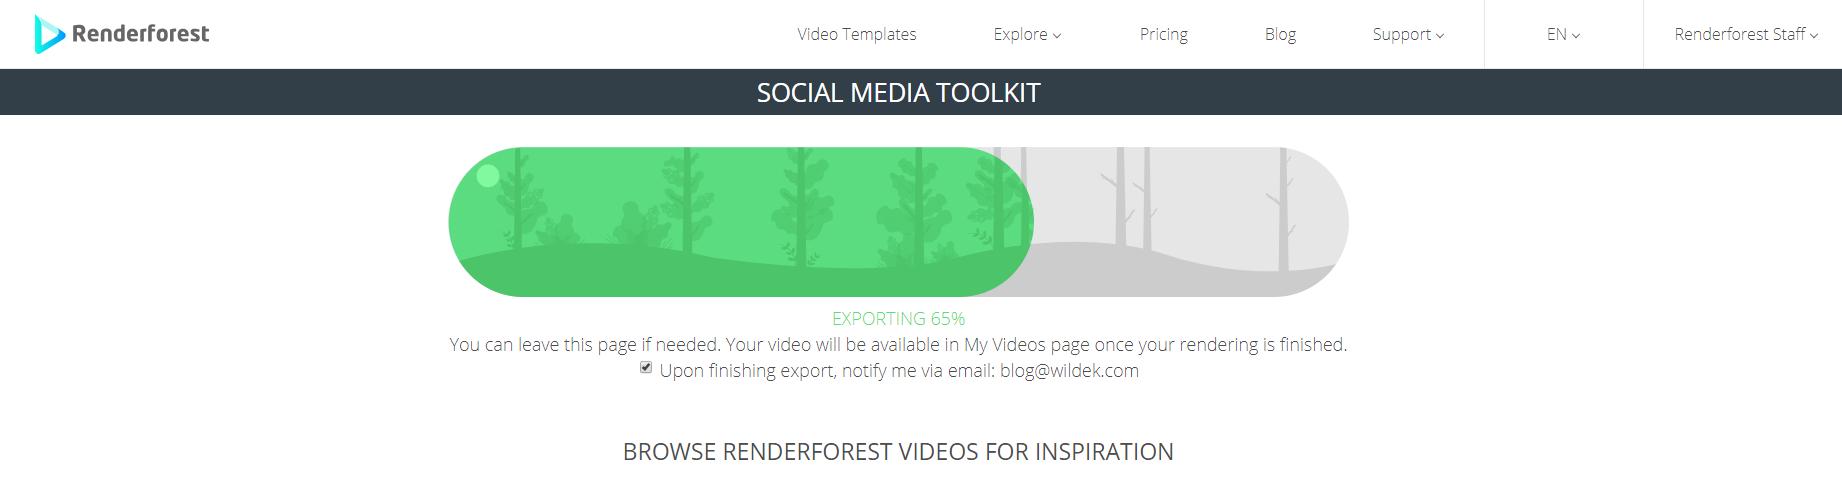 Renderforest Video Export